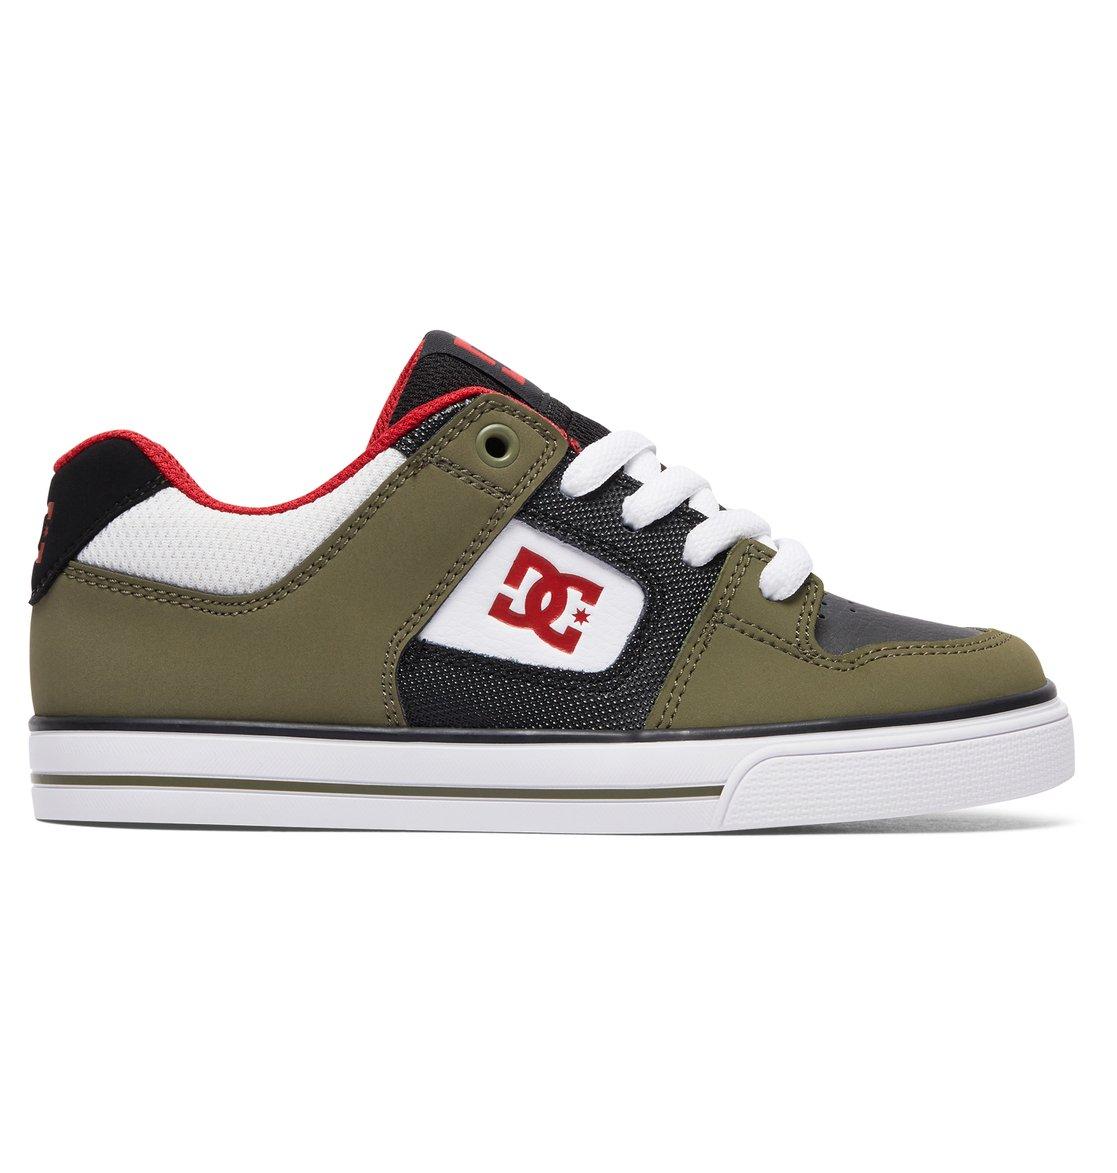 DC Shoes Pure - Shoes - Schuhe - Jungen - EU 37 - Grau 5KIjr0